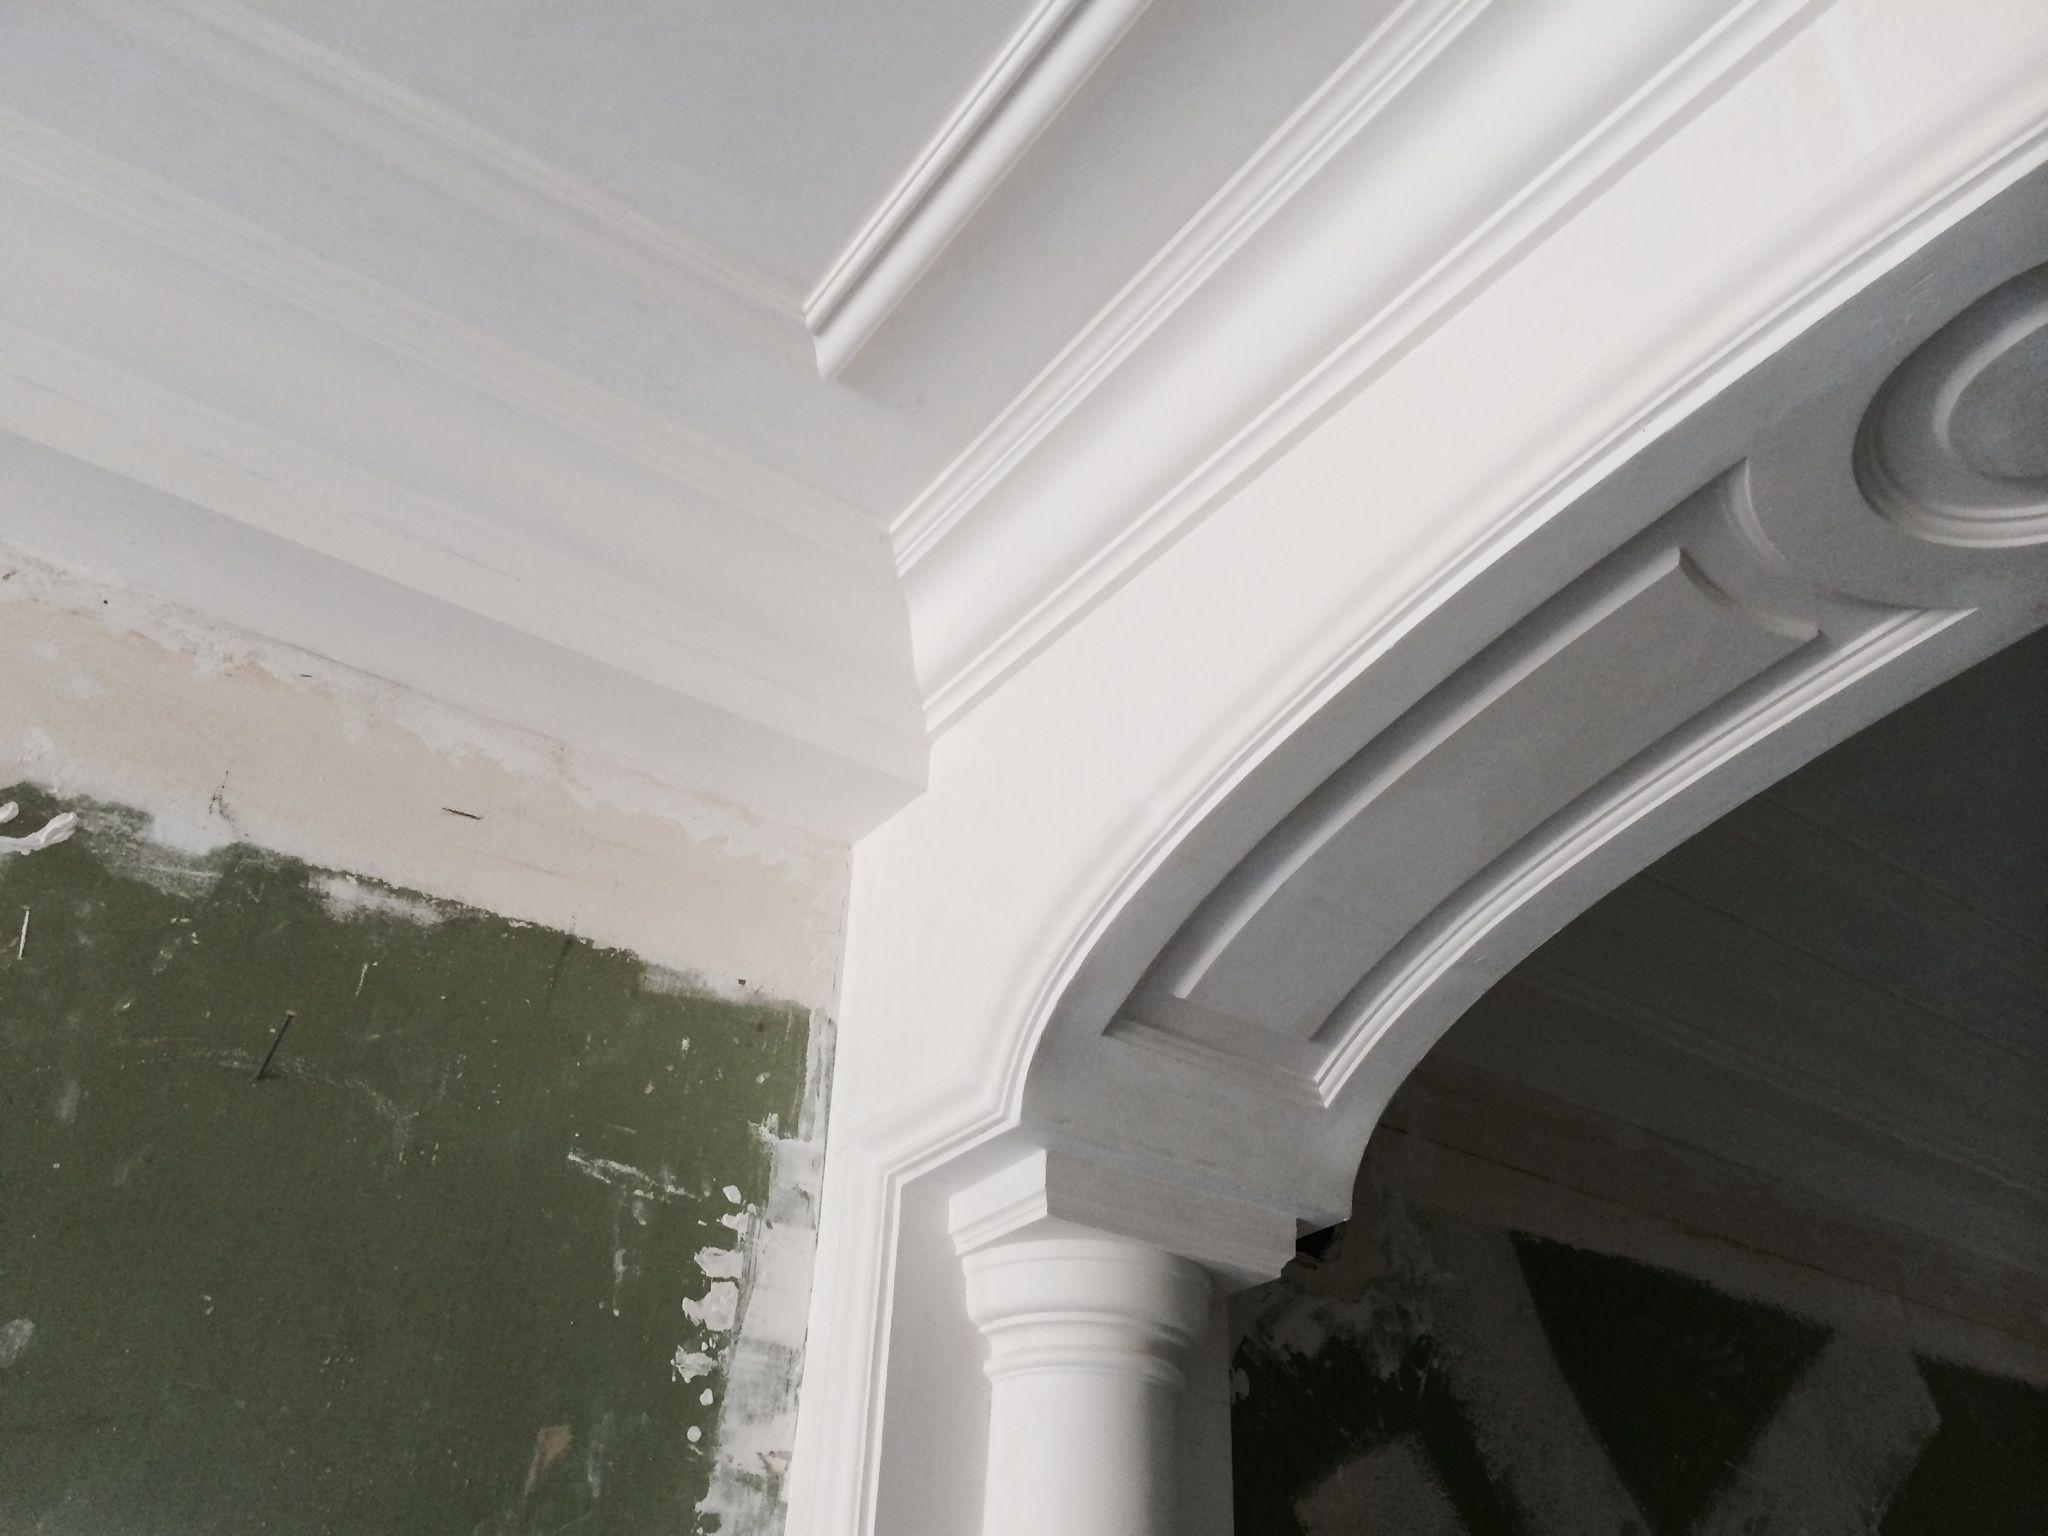 Décoration staff maison - Design en image